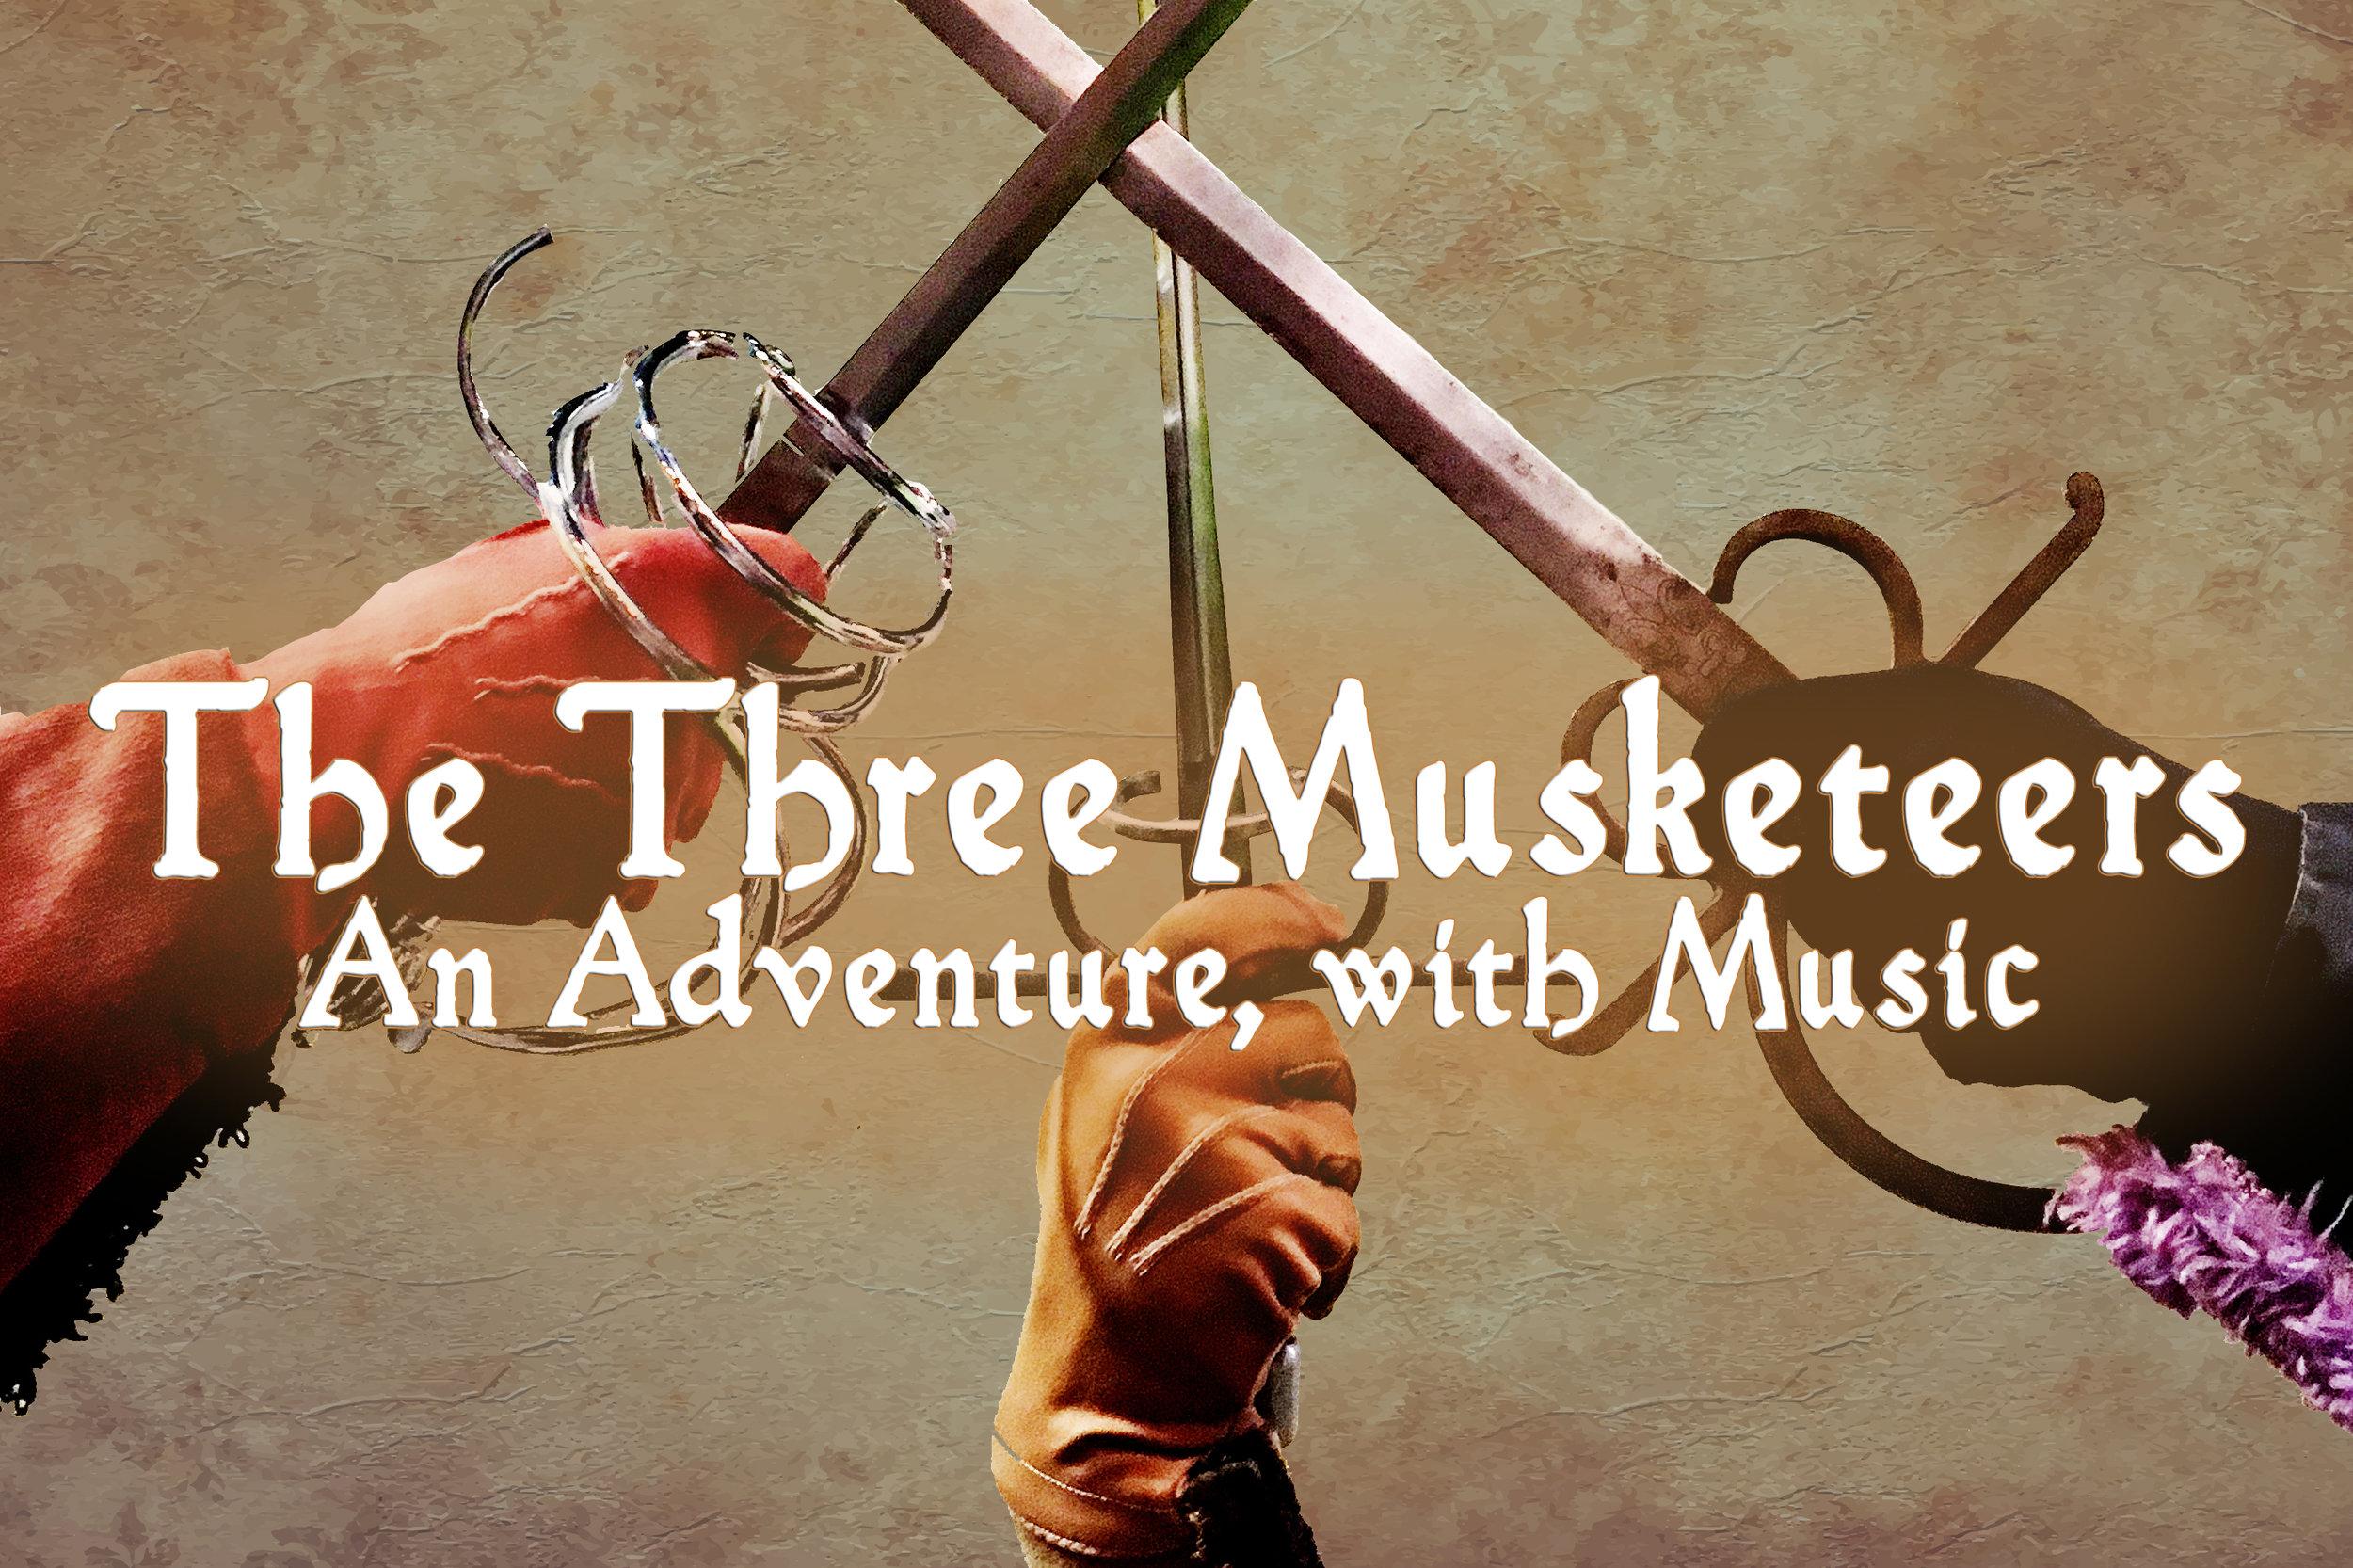 musketeers pic.jpg